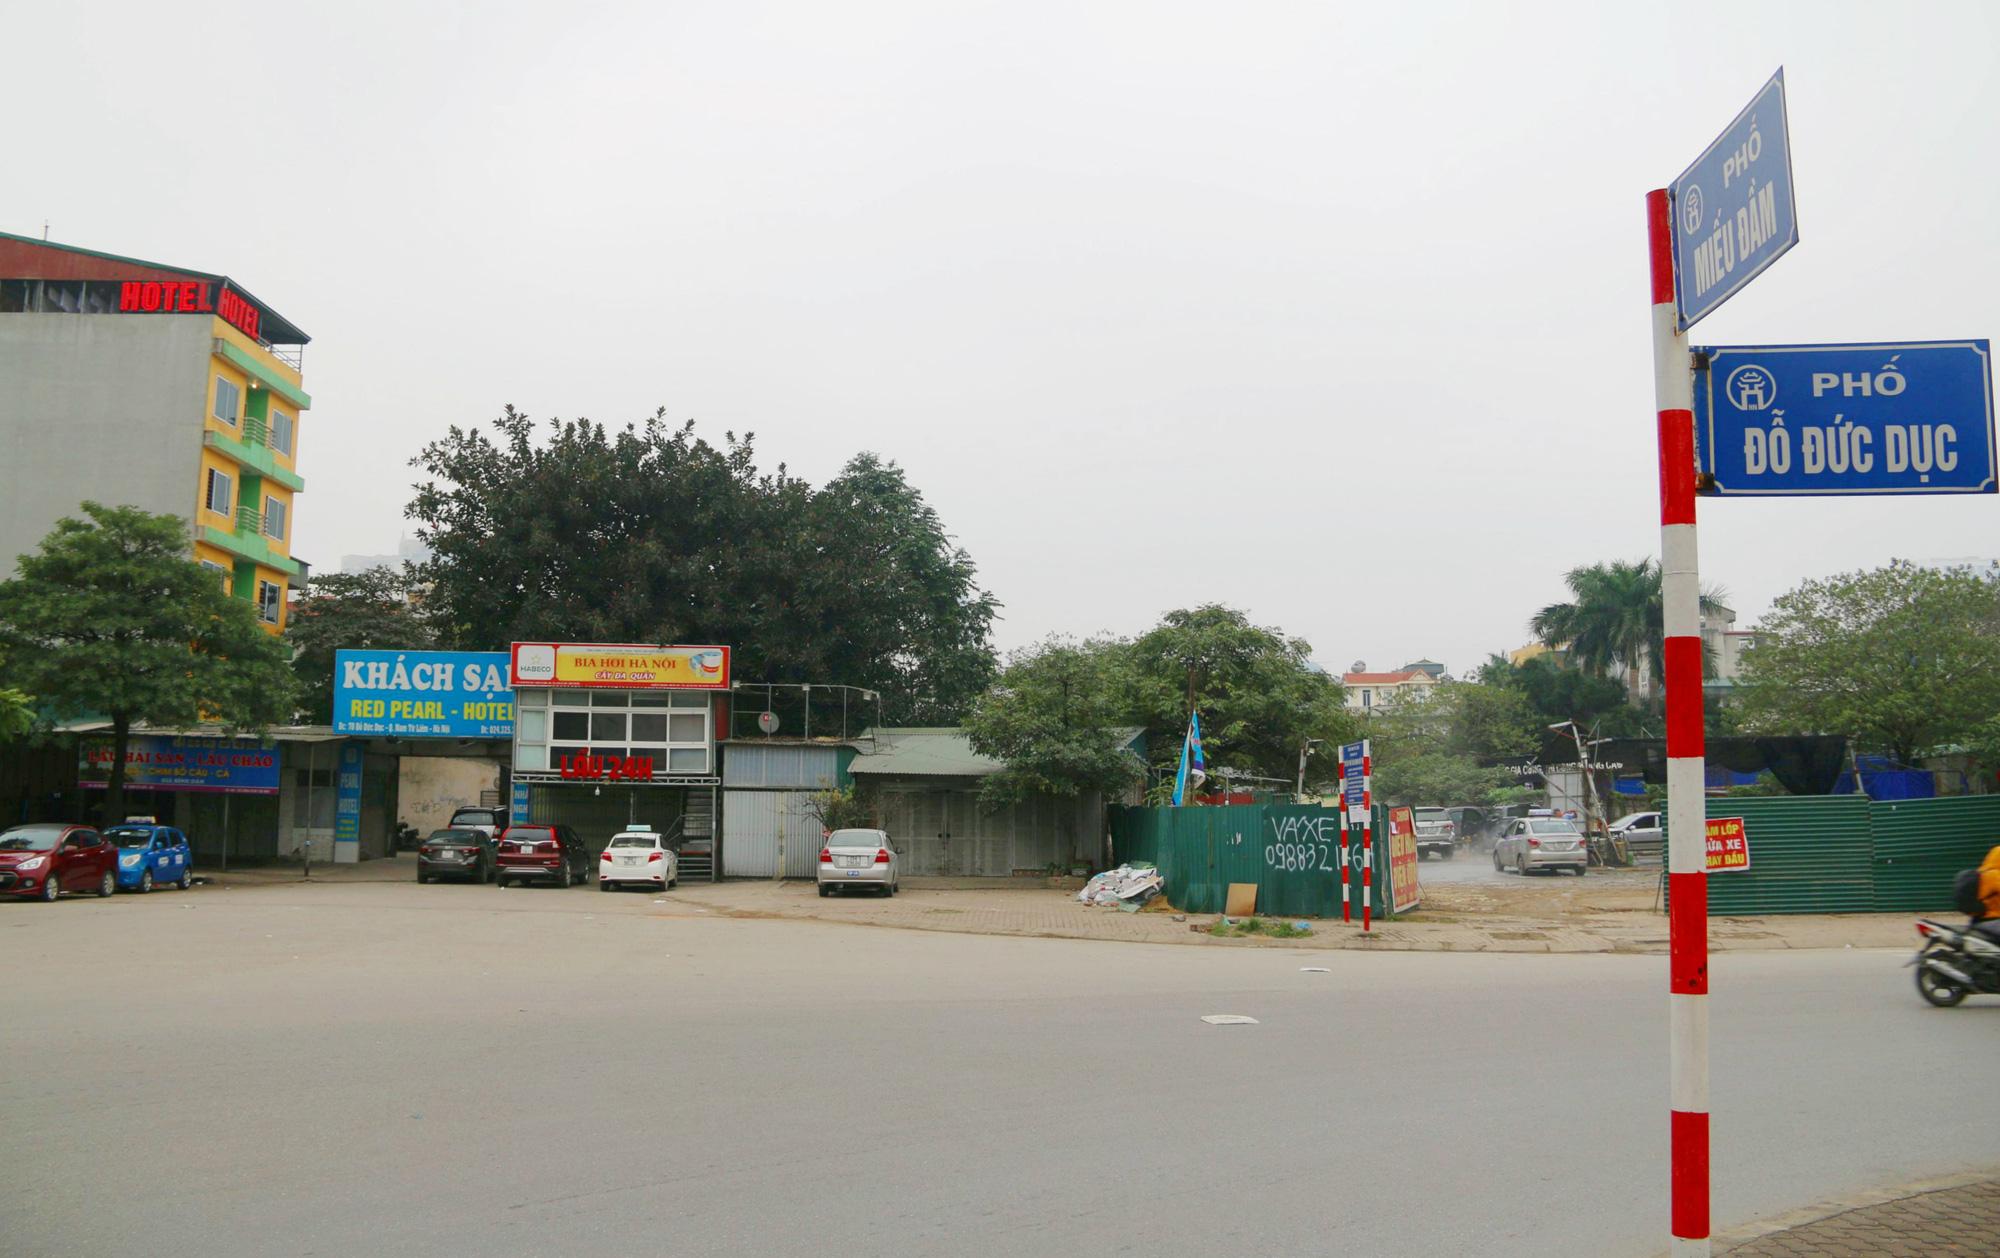 Qui hoạch giao thông Hà Nội: 4 đường sẽ mở ở phường Mễ Trì, Nam Từ Liêm - Ảnh 7.